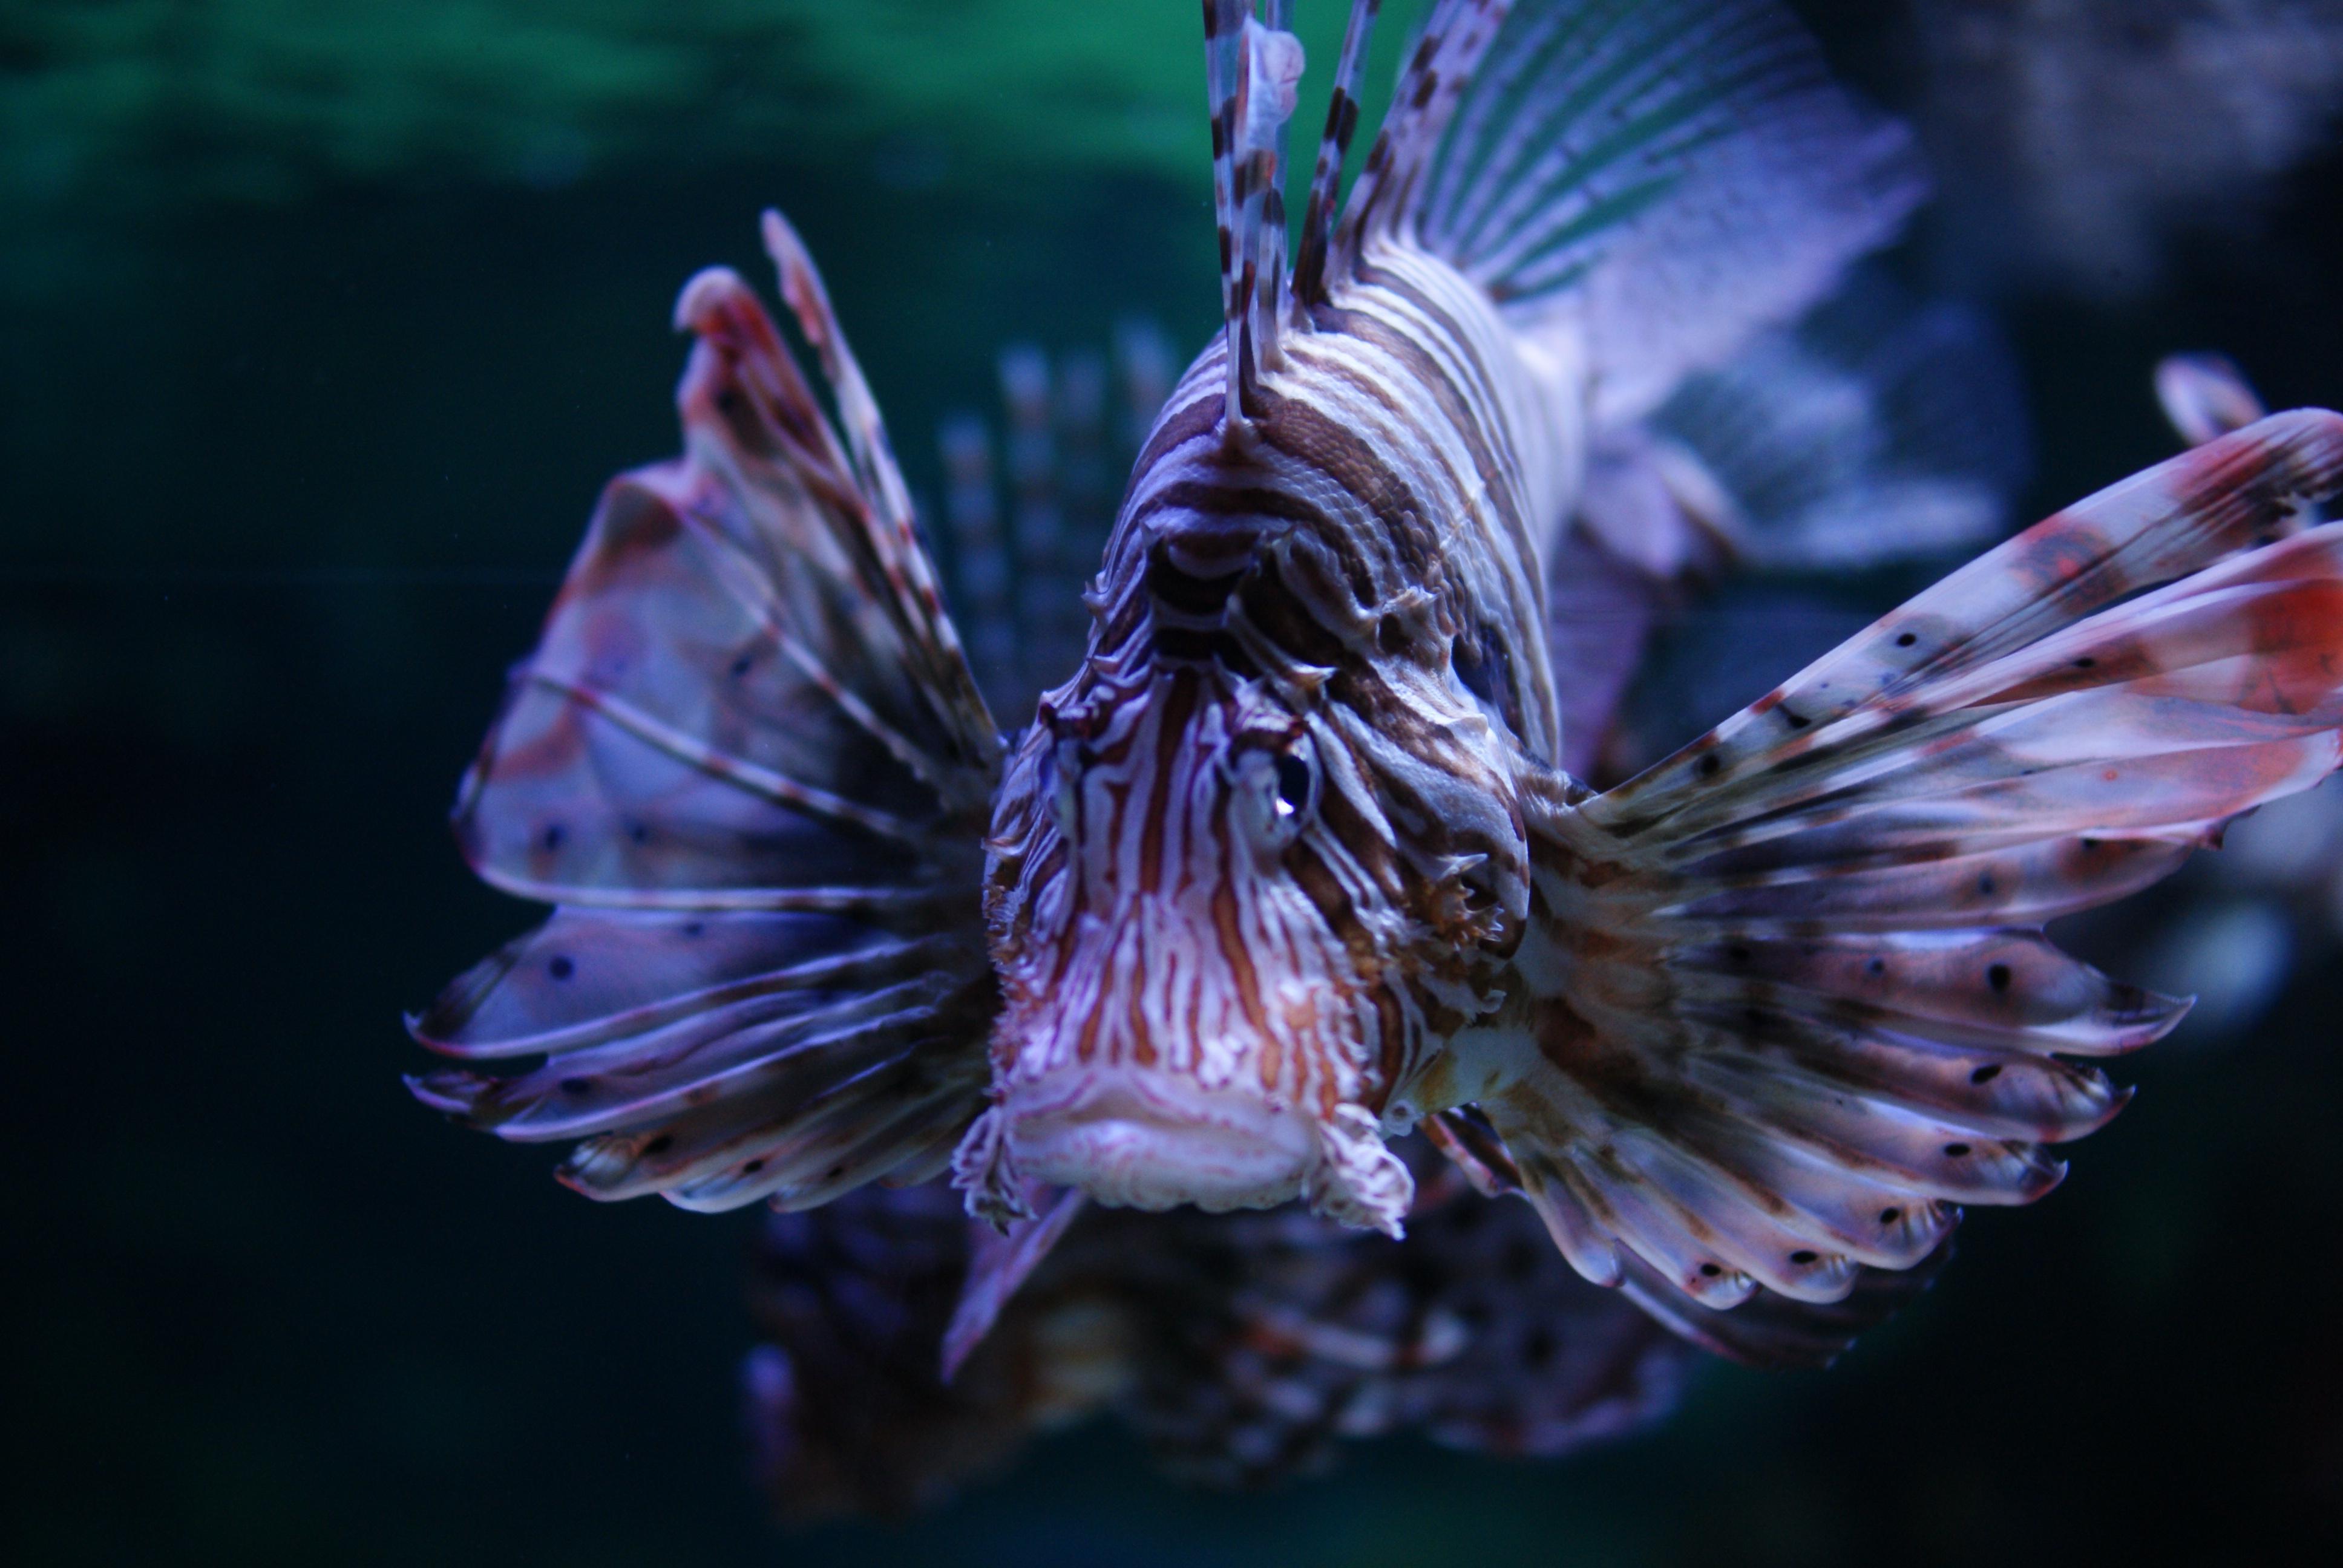 ... Pterois in Tropicarium-Oceanarium Budapest 01.JPG - Wikimedia Commons